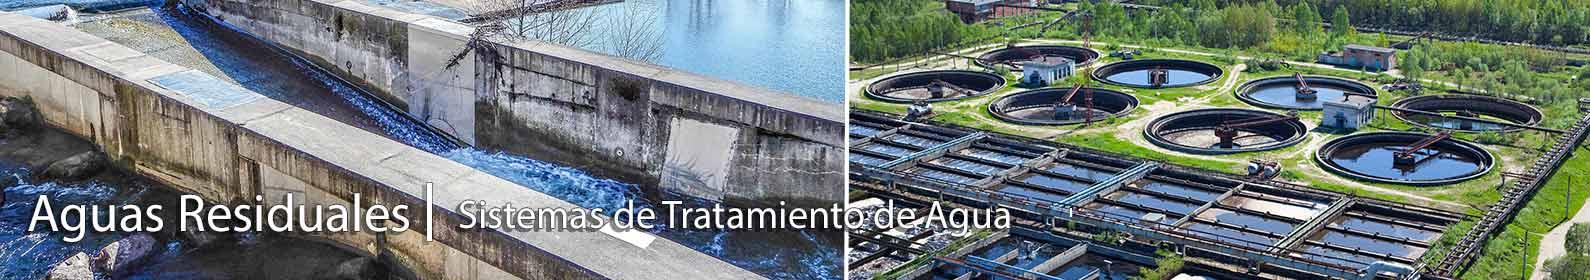 sistemas-de-tratamiento-de-agua-aguas-residuales.jpg